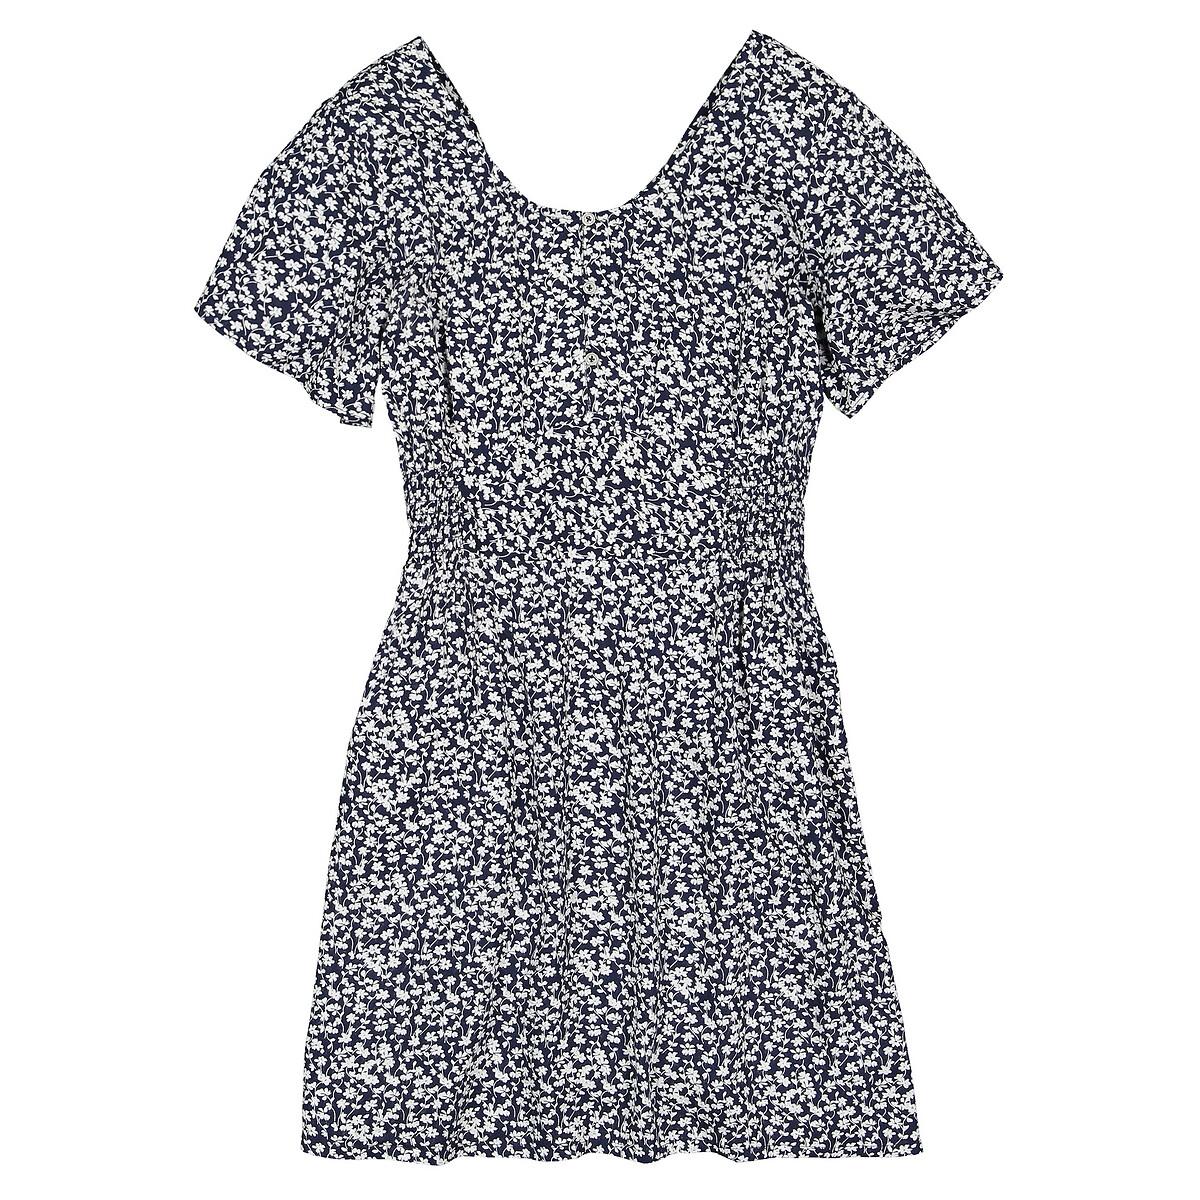 Платье La Redoute Струящееся с короткими рукавами с принтом 10-18 лет 16 лет - 162 см разноцветный polesie великан 162 детали разноцветный